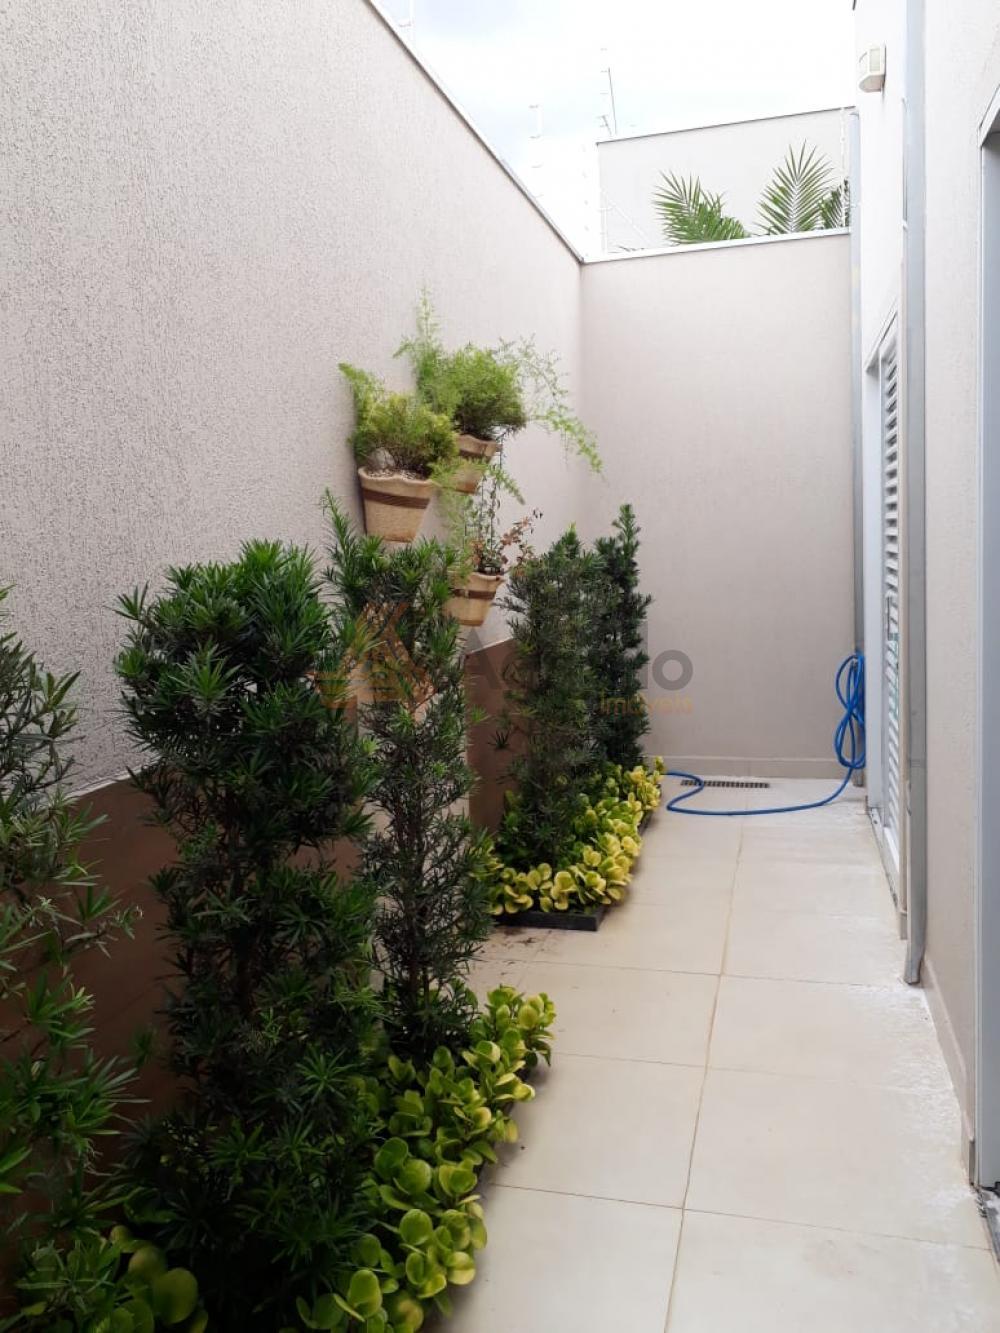 Comprar Casa / Padrão em Franca apenas R$ 735.000,00 - Foto 7